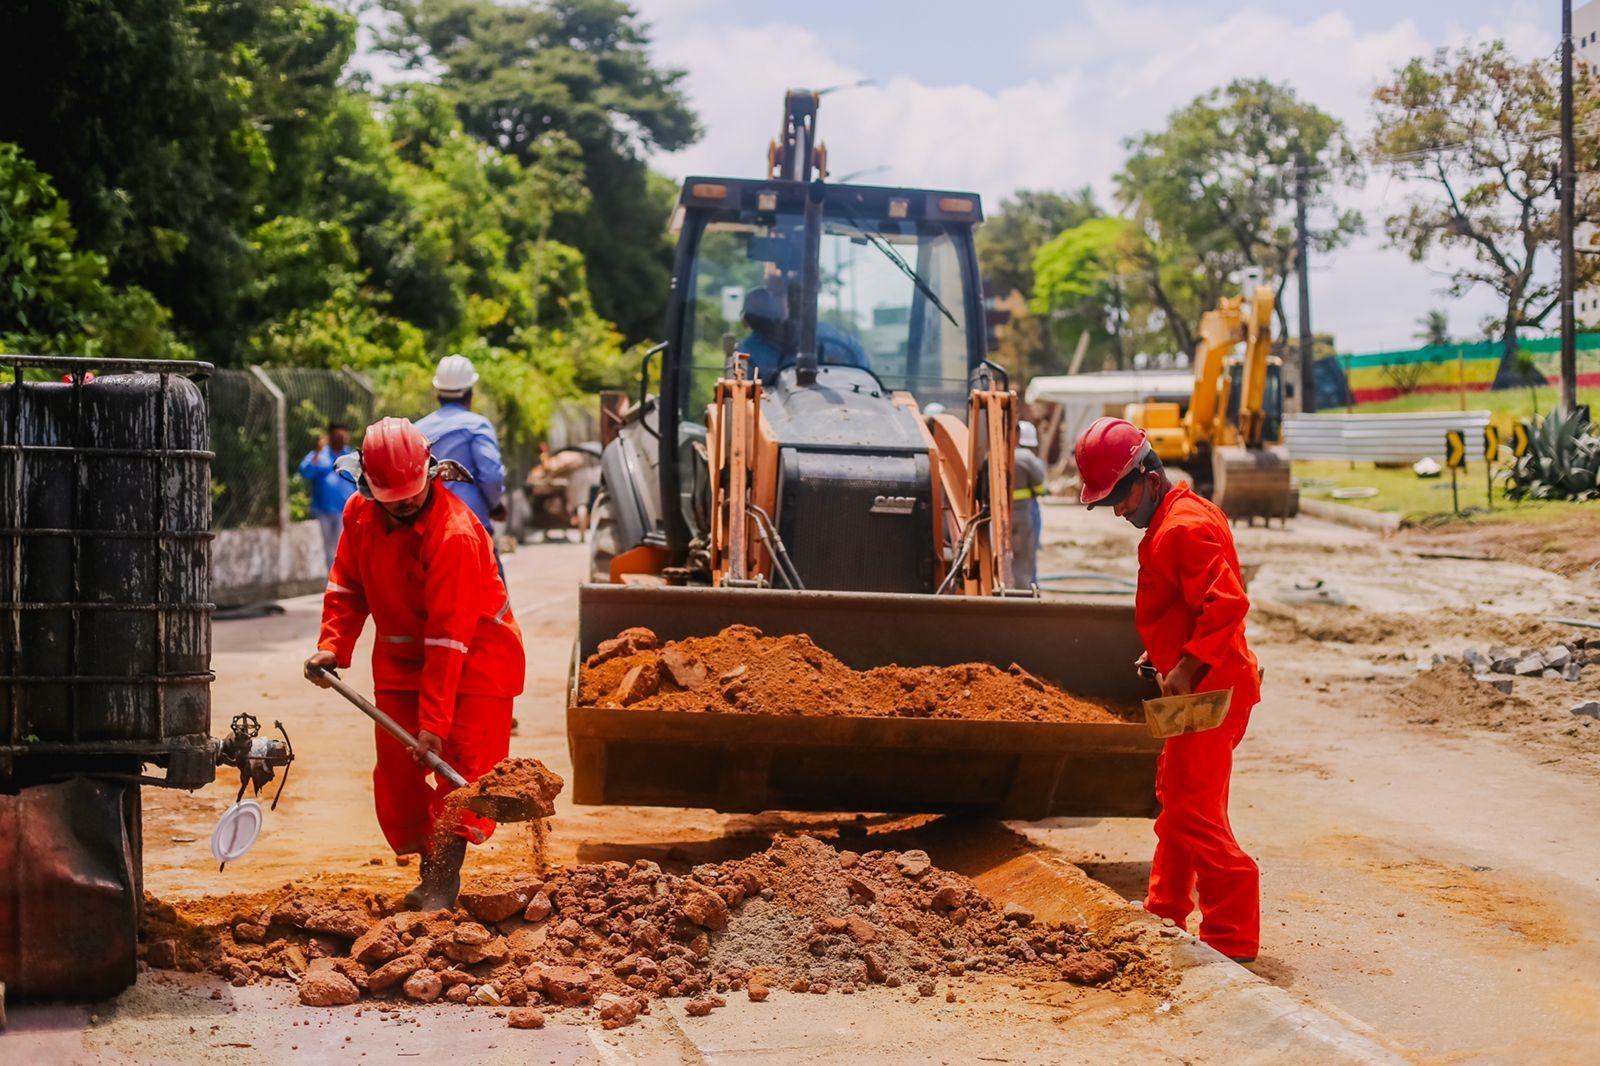 Trânsito da avenida Dom Pedro II será liberado nesta sexta-feira, diz prefeitura